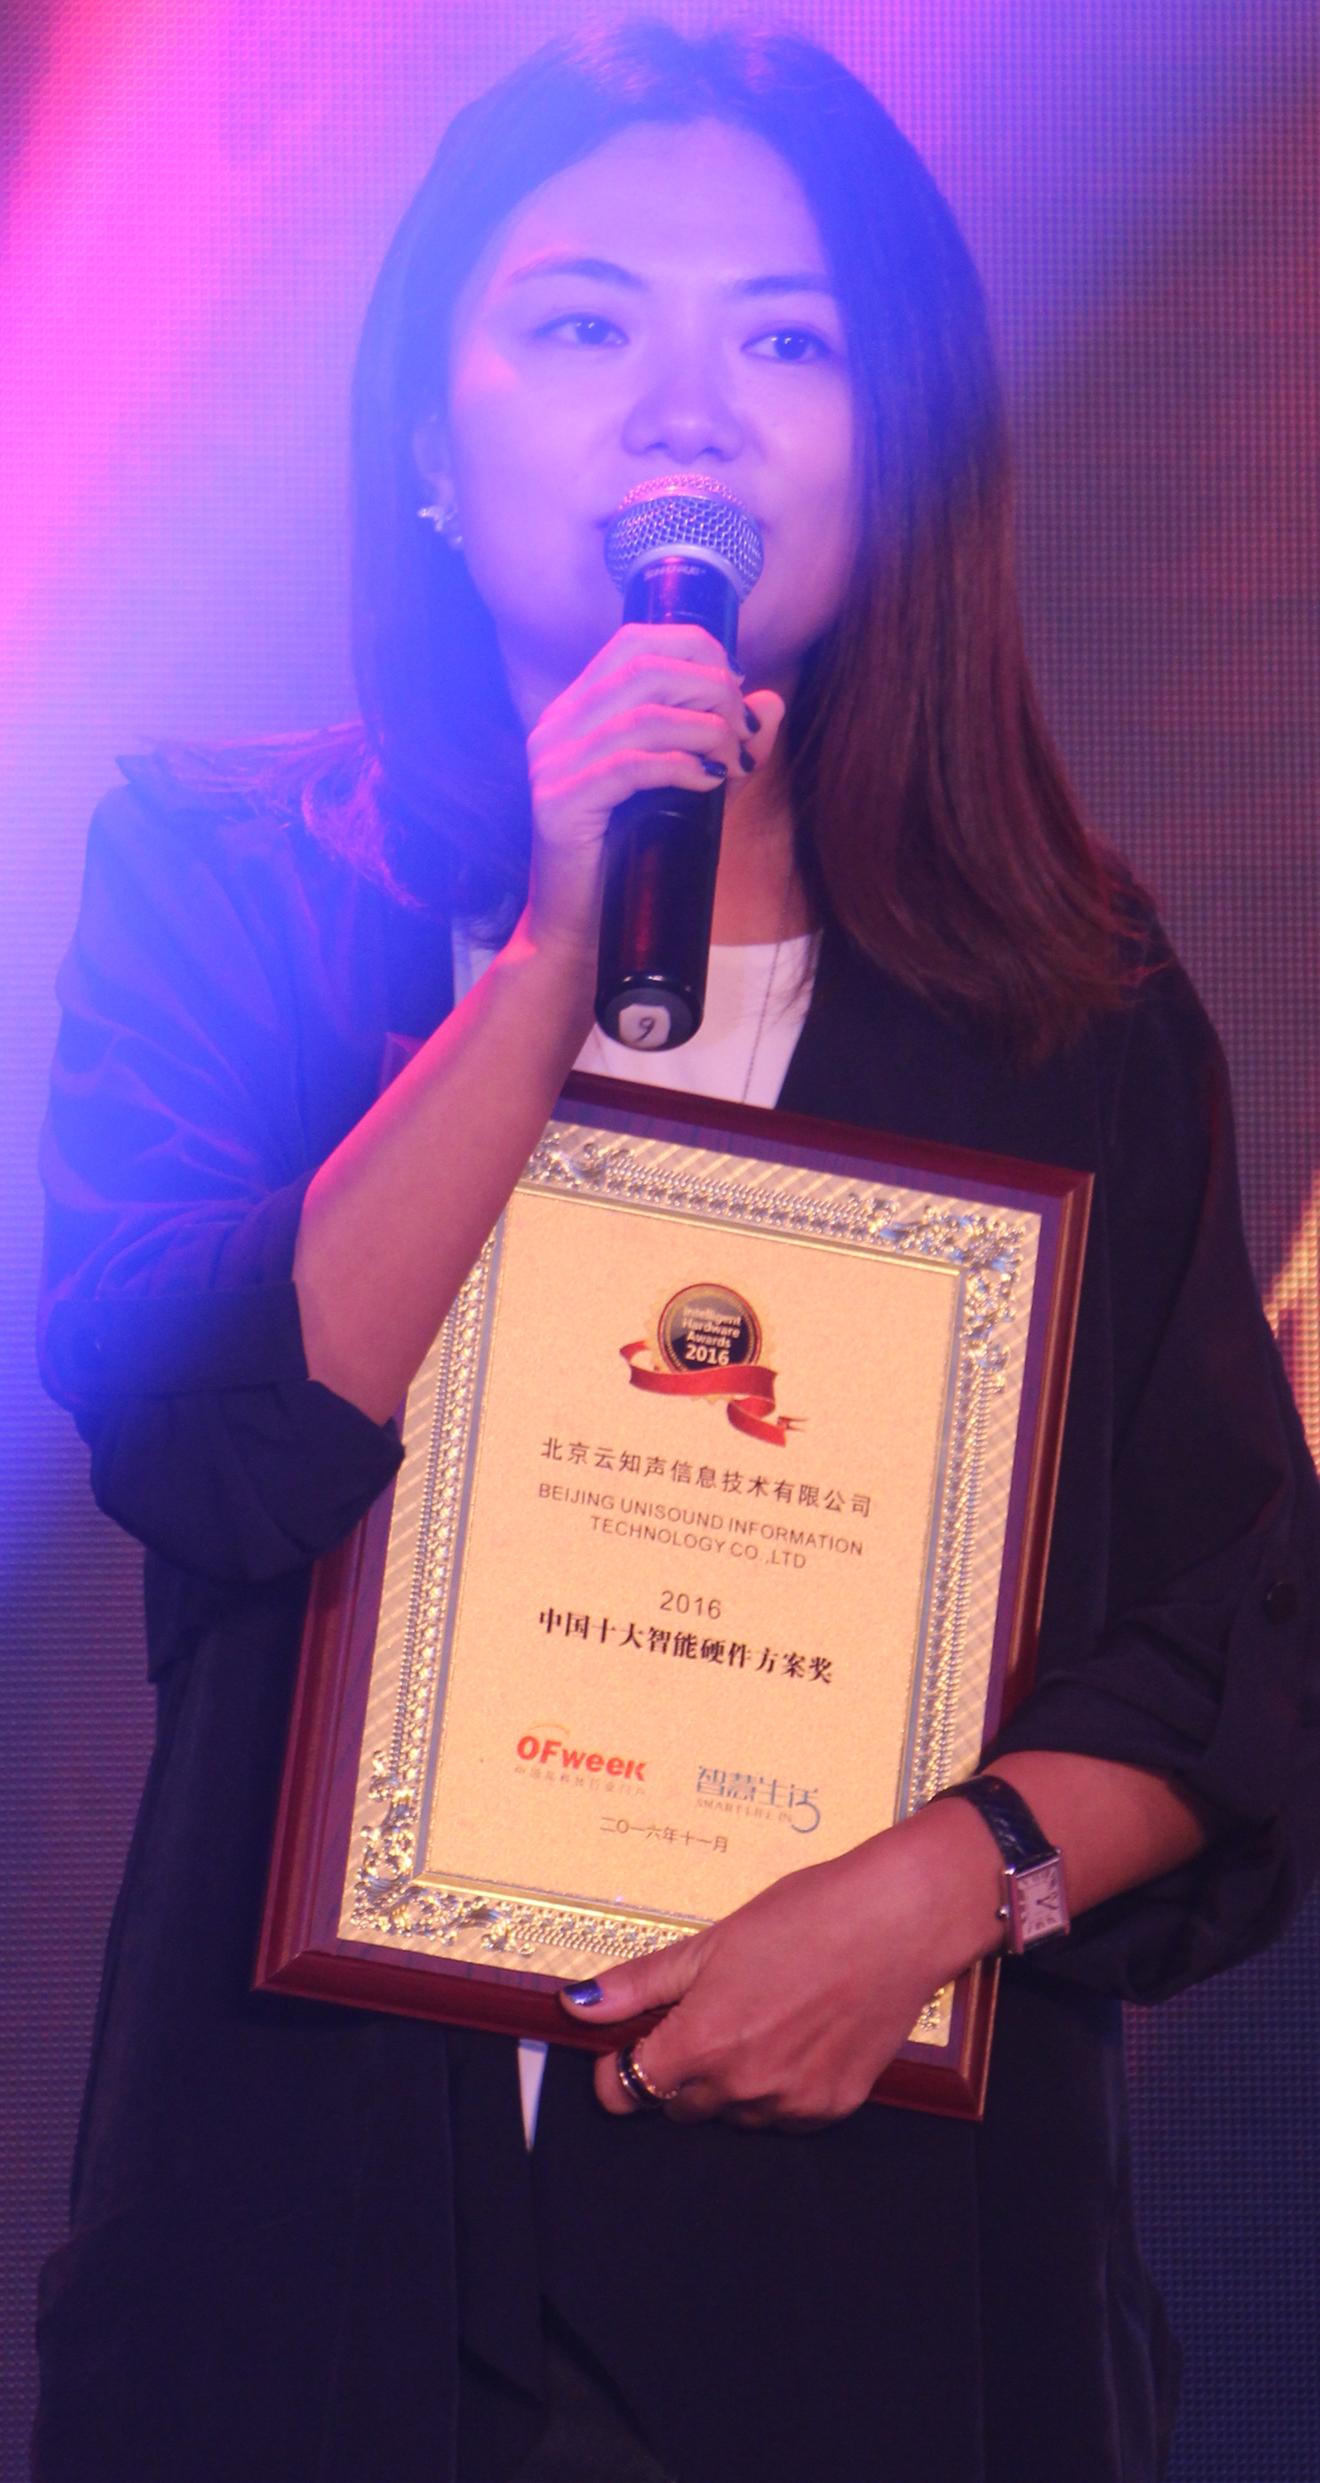 北京云知声信息技术有限公司获China Intelligent Hardware Awards 2016中国十大智能硬件方案奖